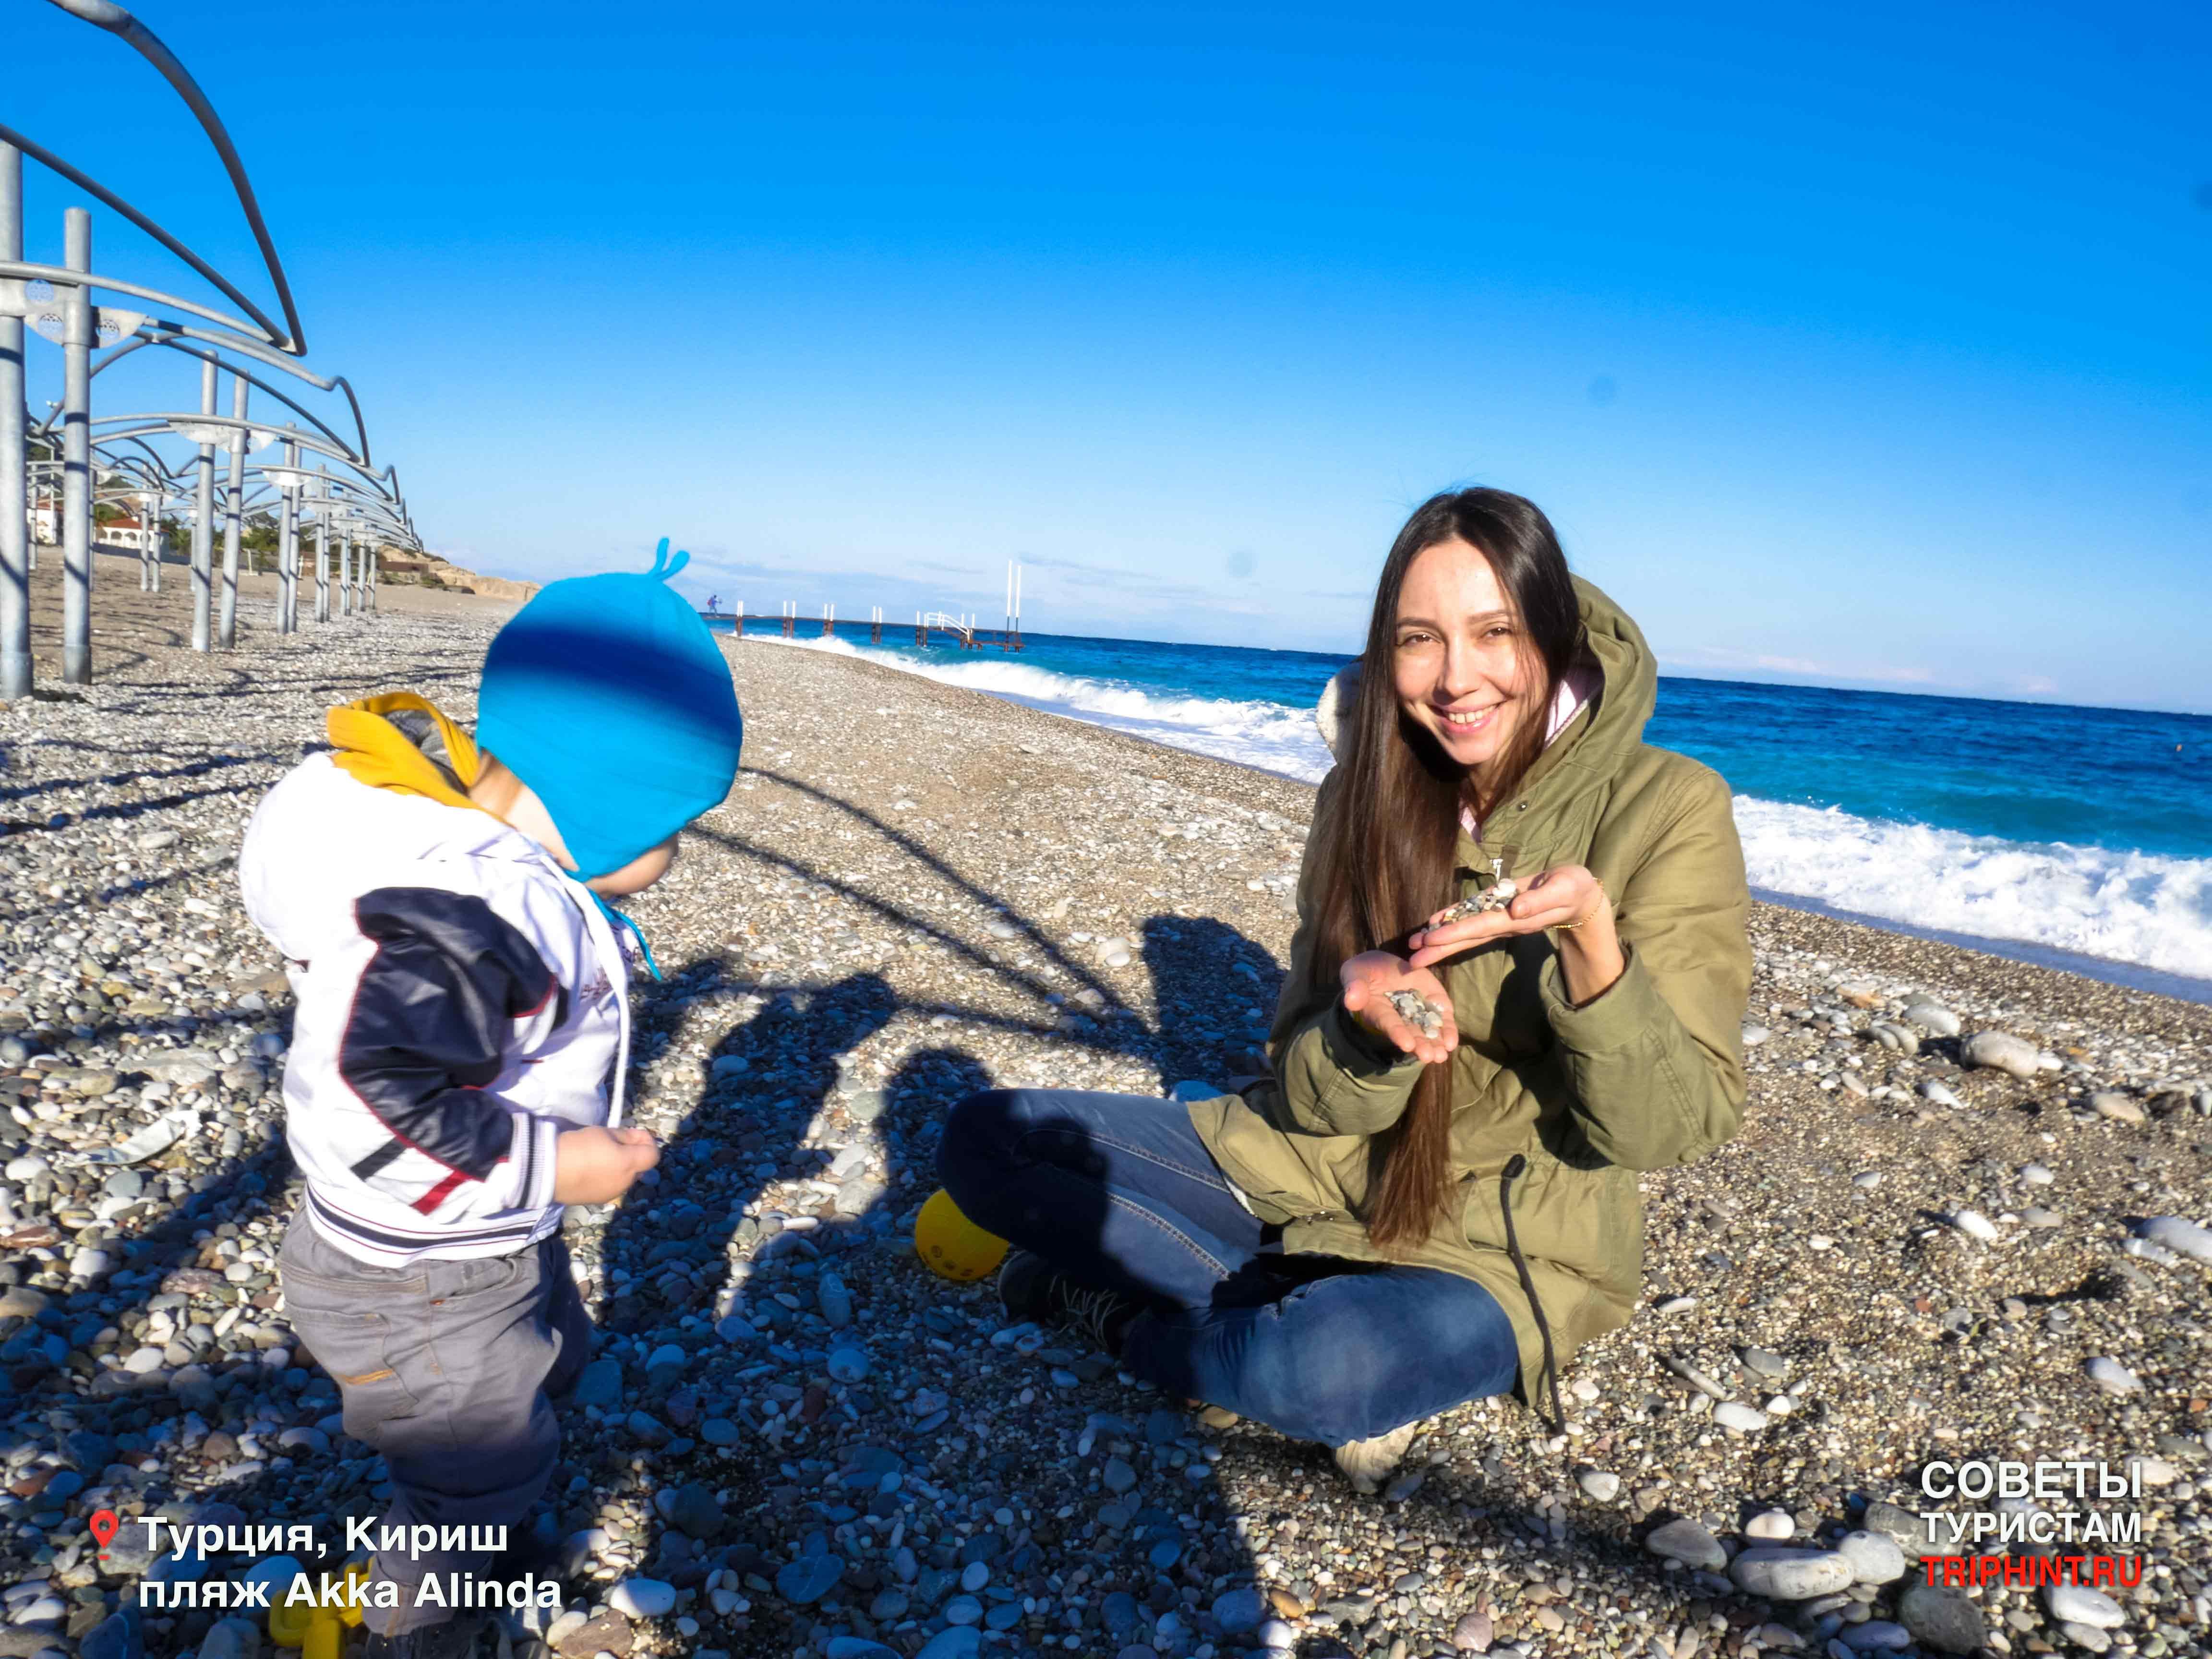 Отдых на новый год в Турции: Кемер, Кириш, пляж Akka Alinda